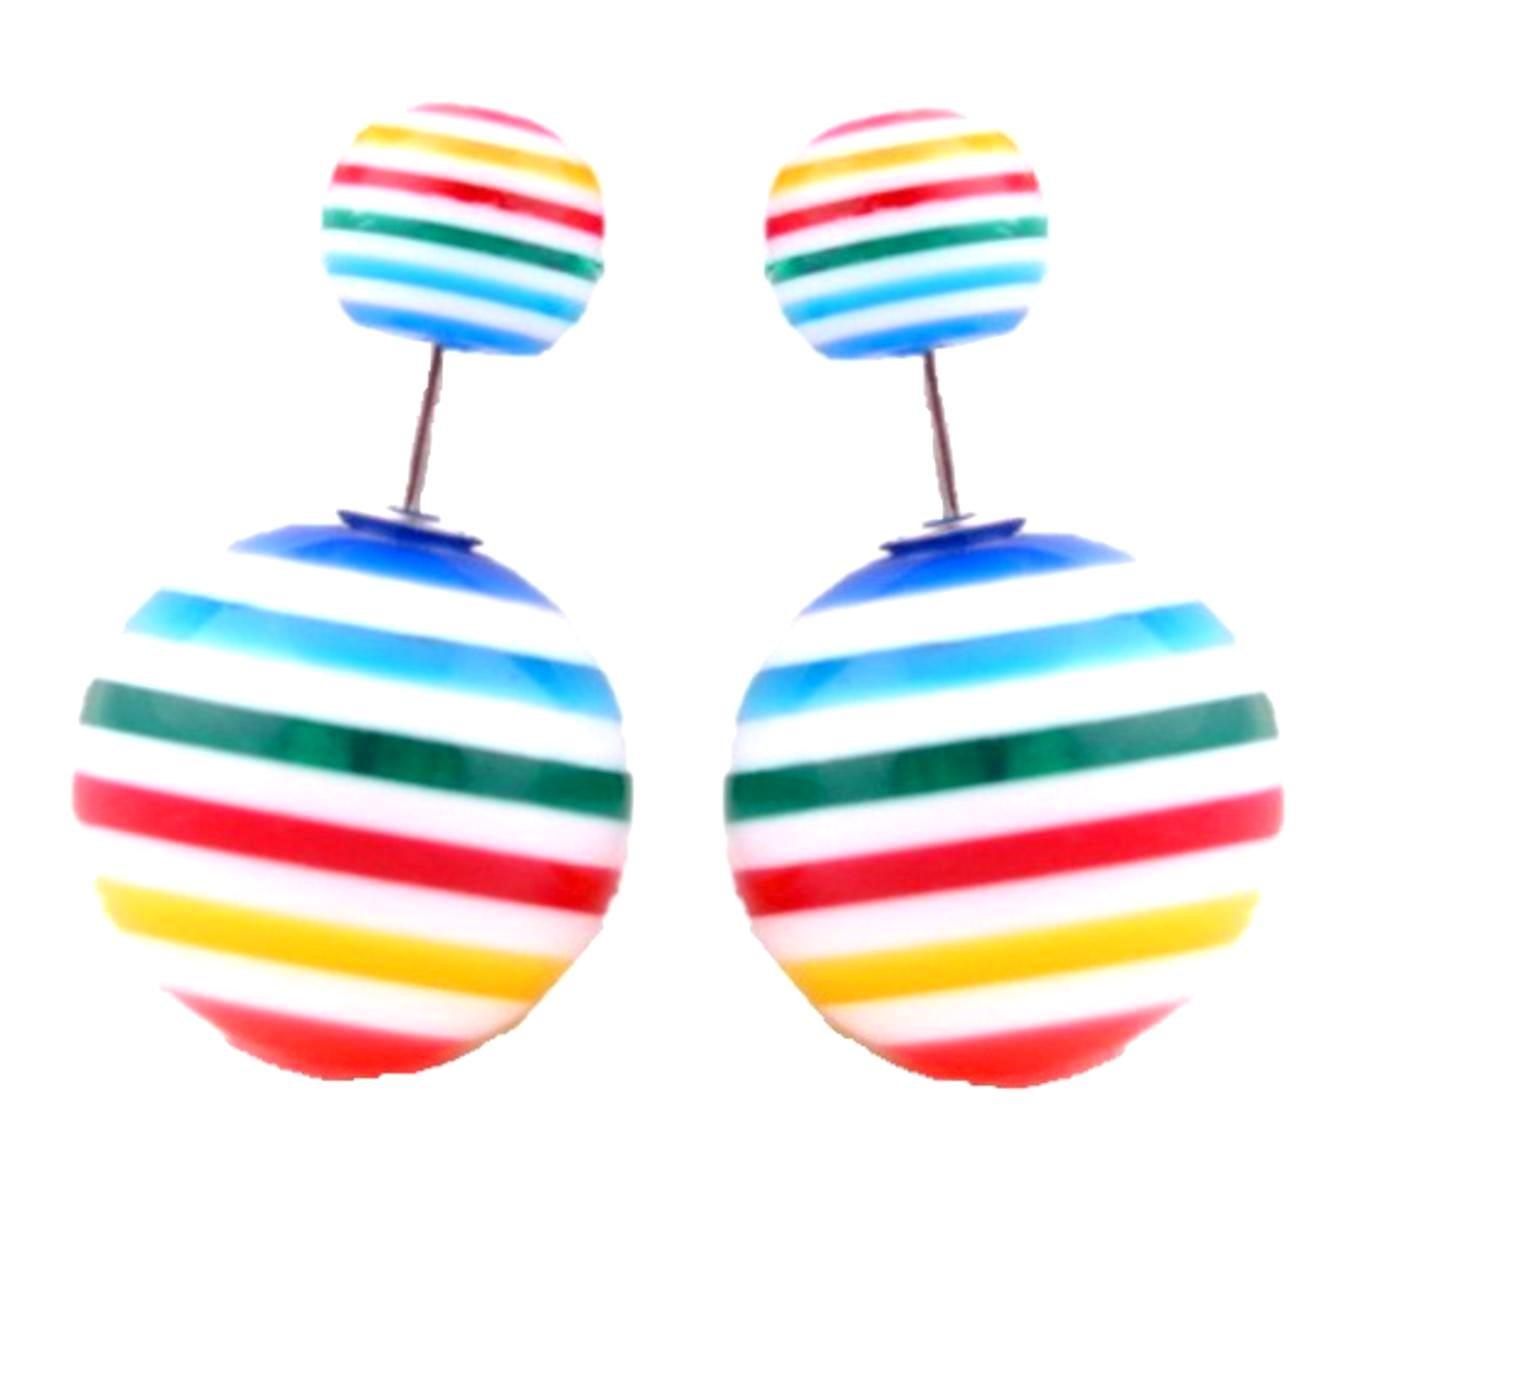 Fashion Trendy Double Sided Ball Stud Earrings for Women / AZERDSA16 (Blue)